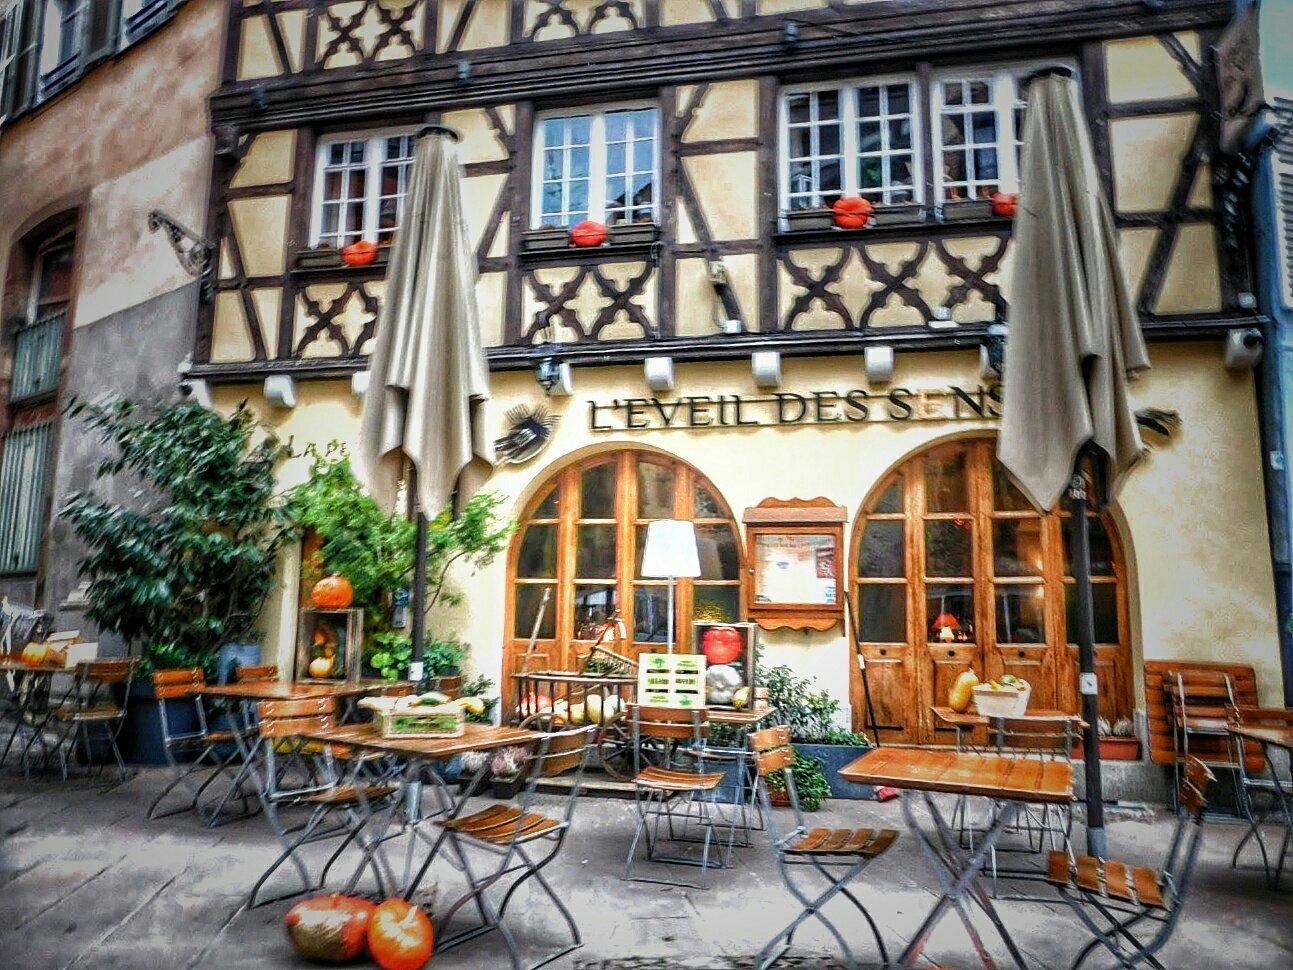 Cafe - Strasbourg, France